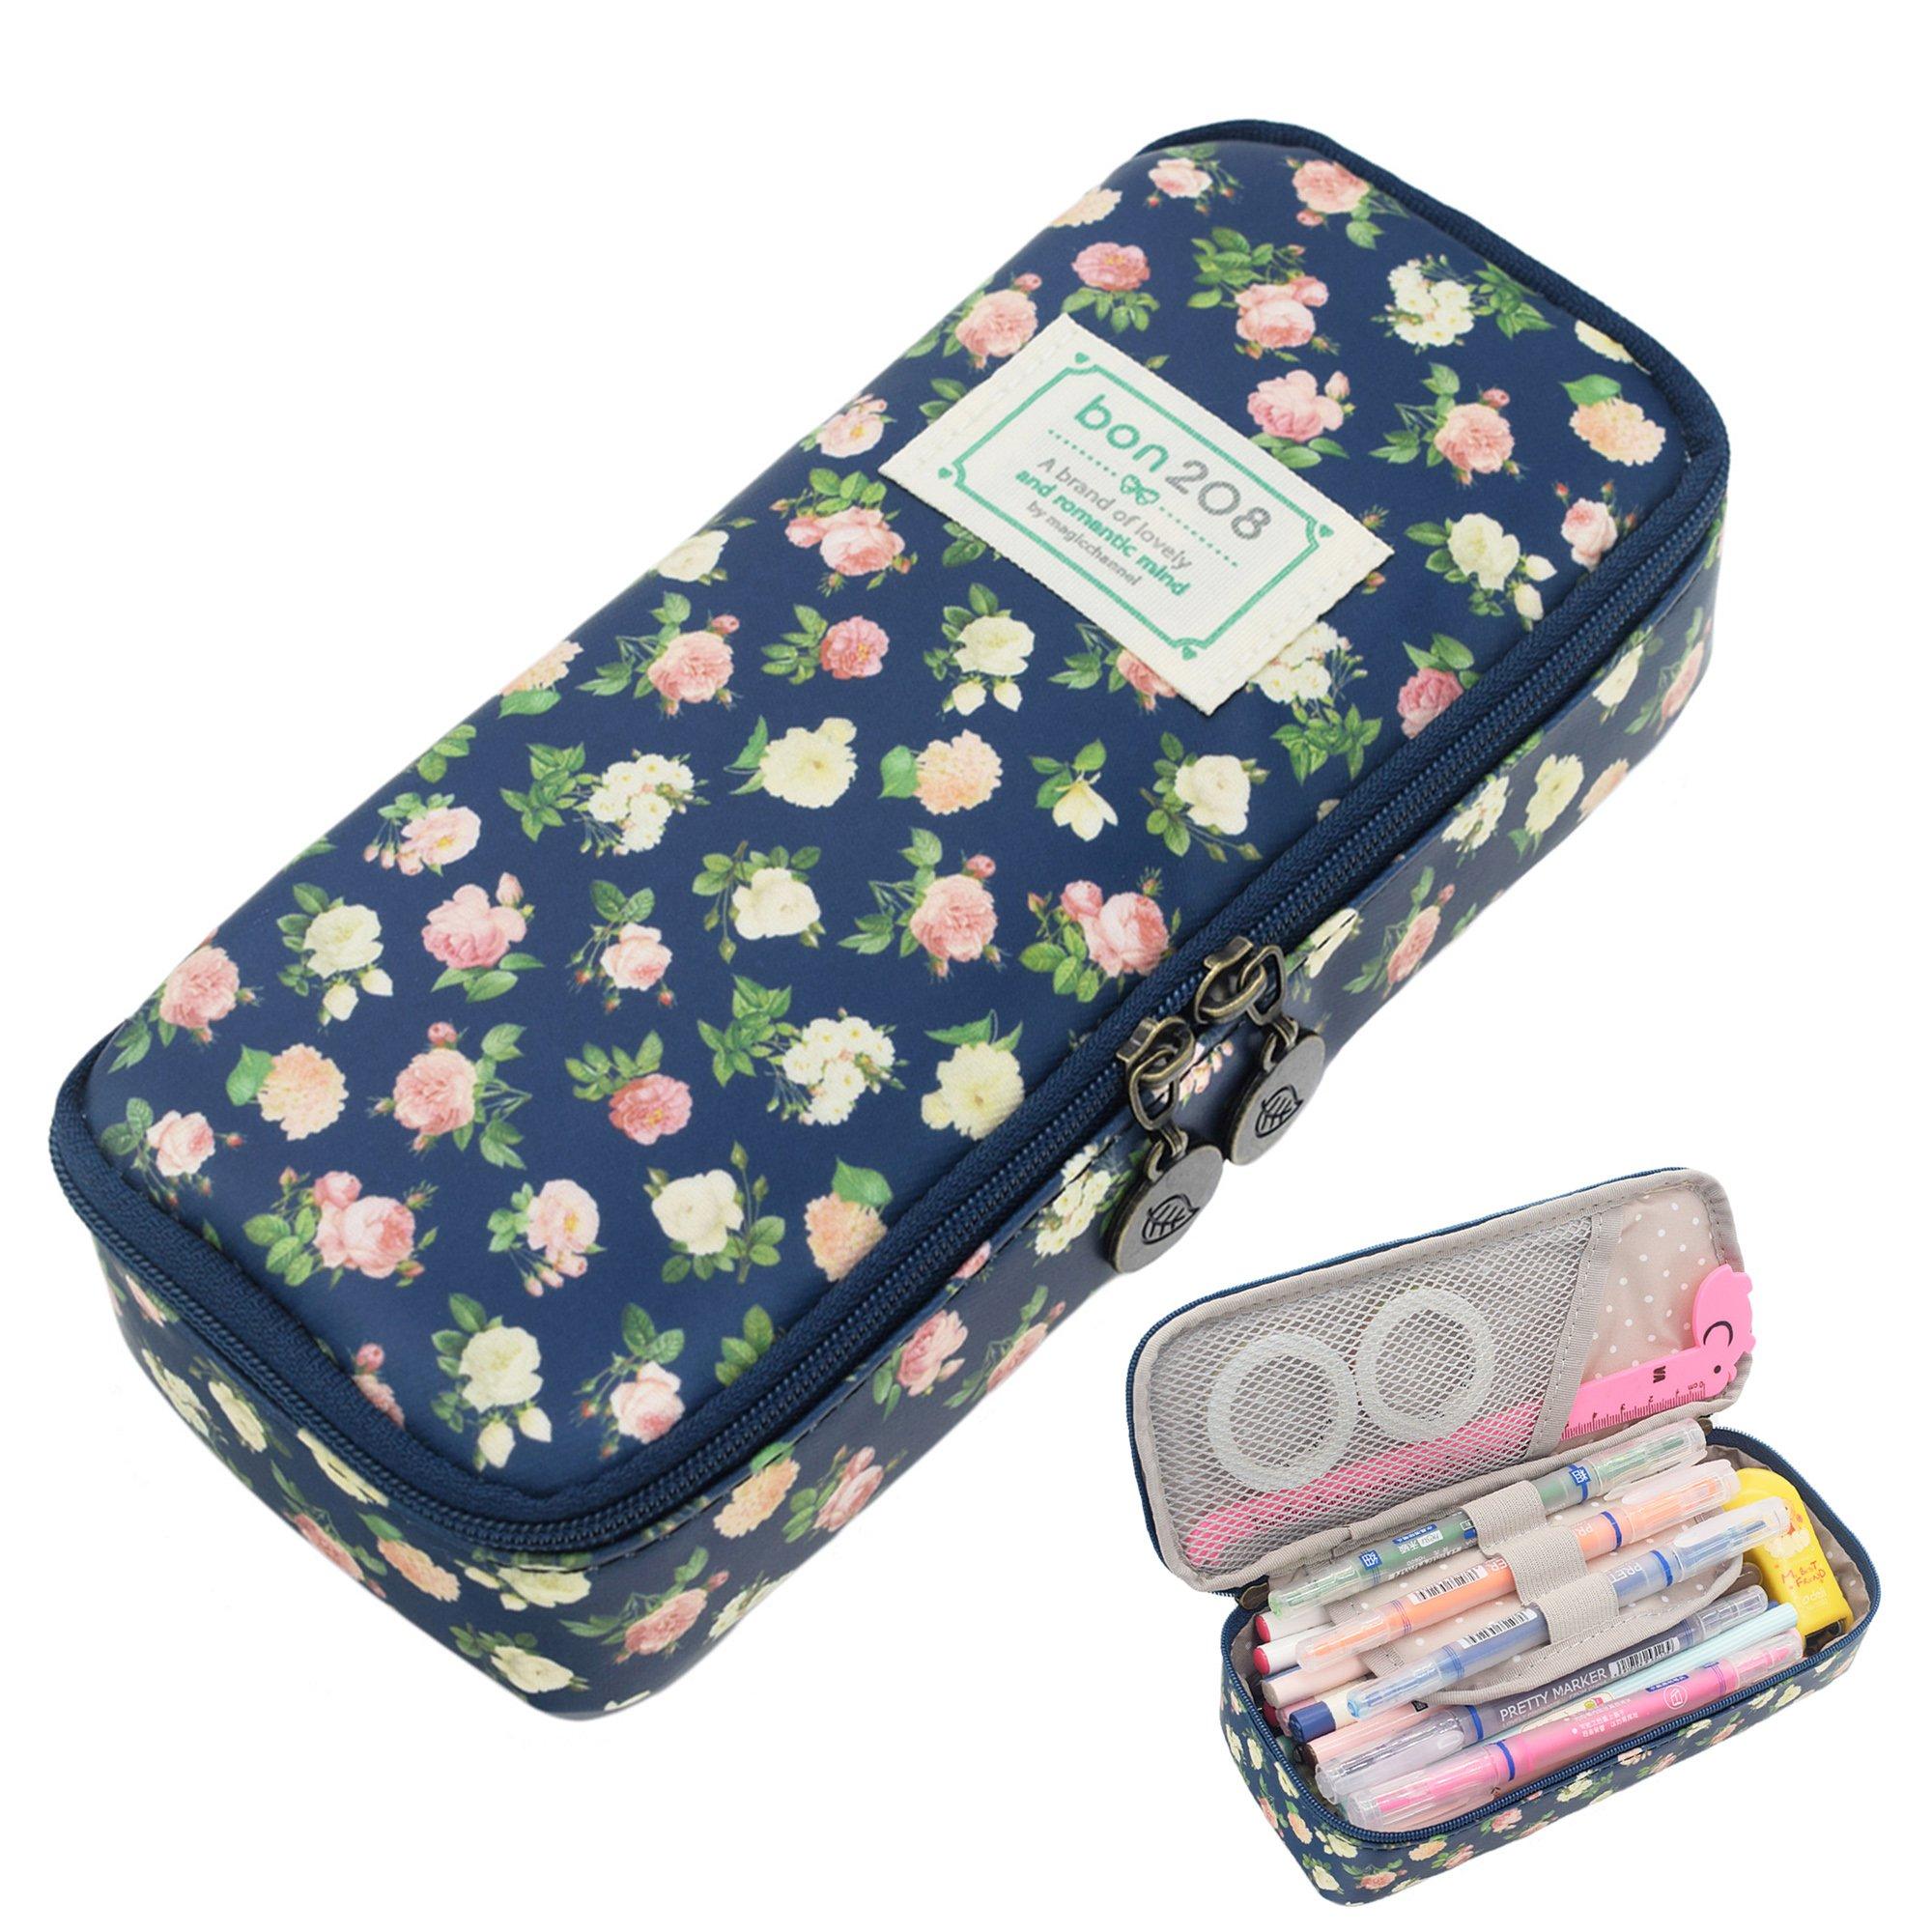 Pencil Case, Twinkle Club Cute Pen Case Zipper Bag Office Organizer Rose Floral Makeup Pouch, Cyan